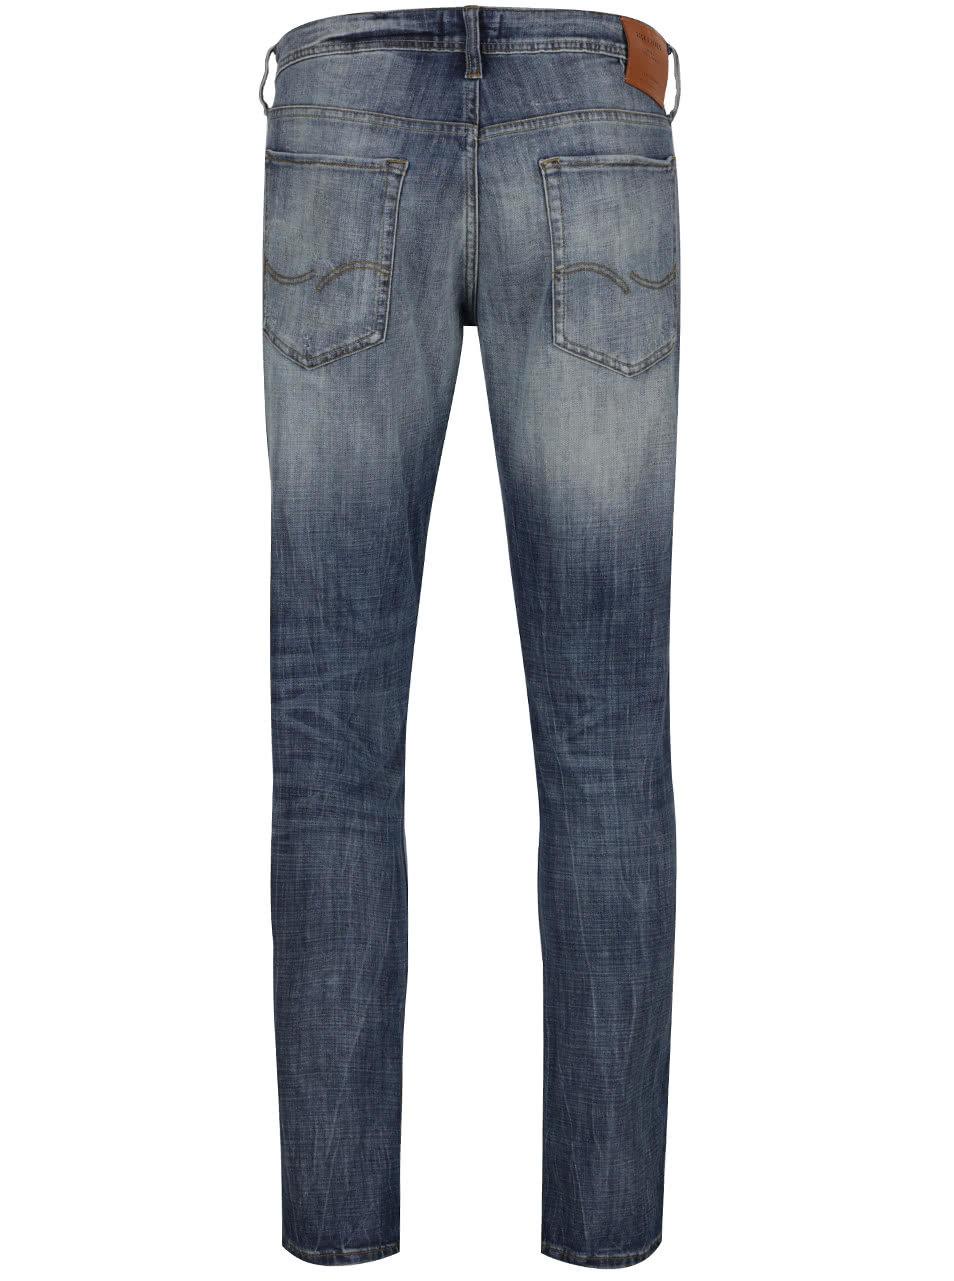 Modré slim fit džíny s potrhaným efektem Jack   Jones Glenn ... 839886f762